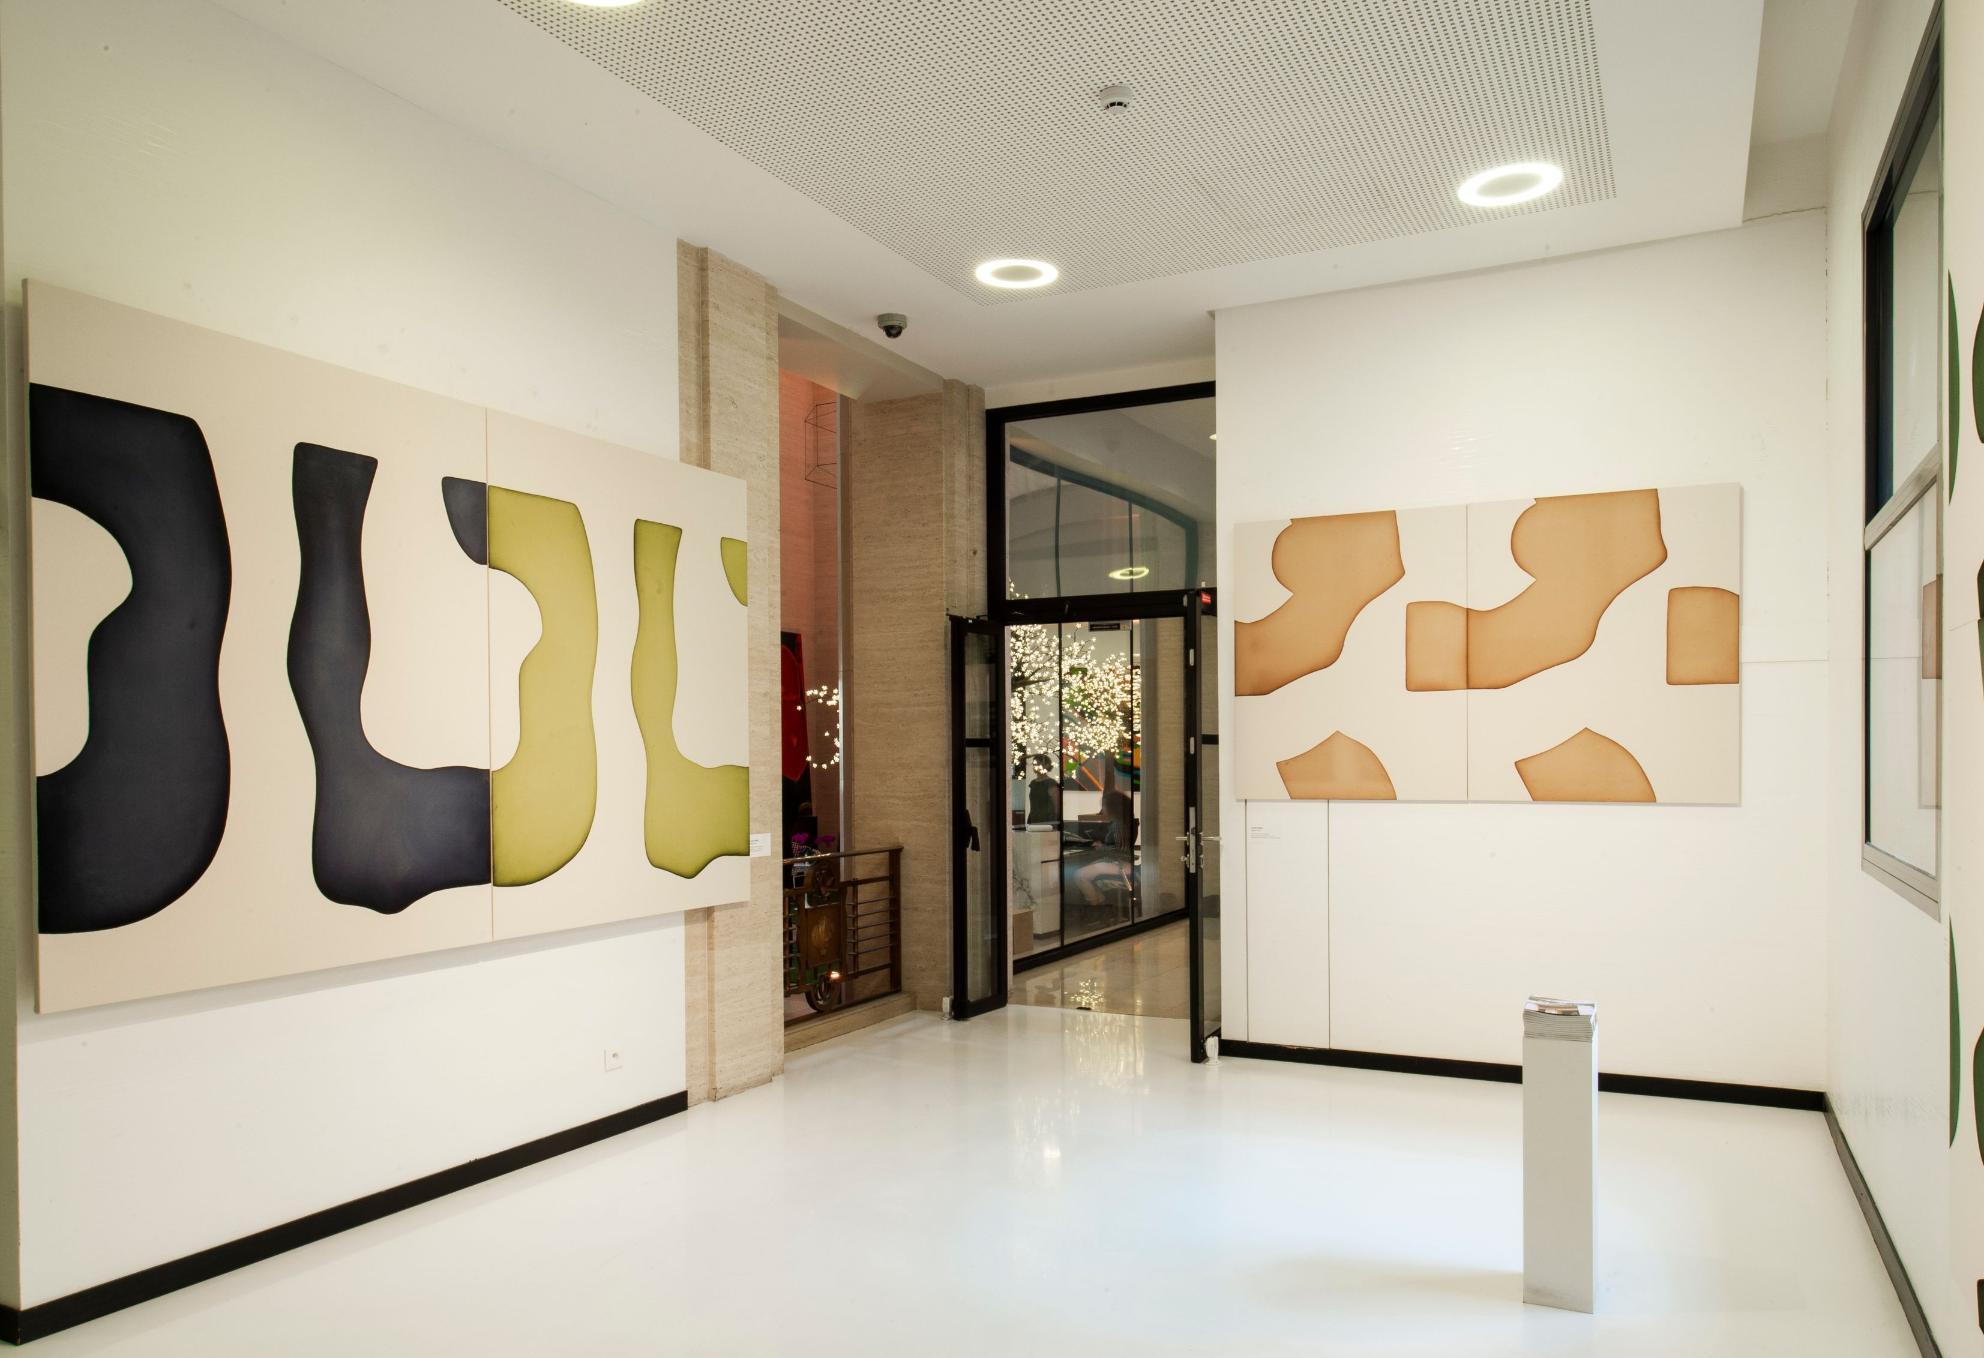 Prix Jean-François Prat 2019 - Landon Metz © Fondation Bredin Prat